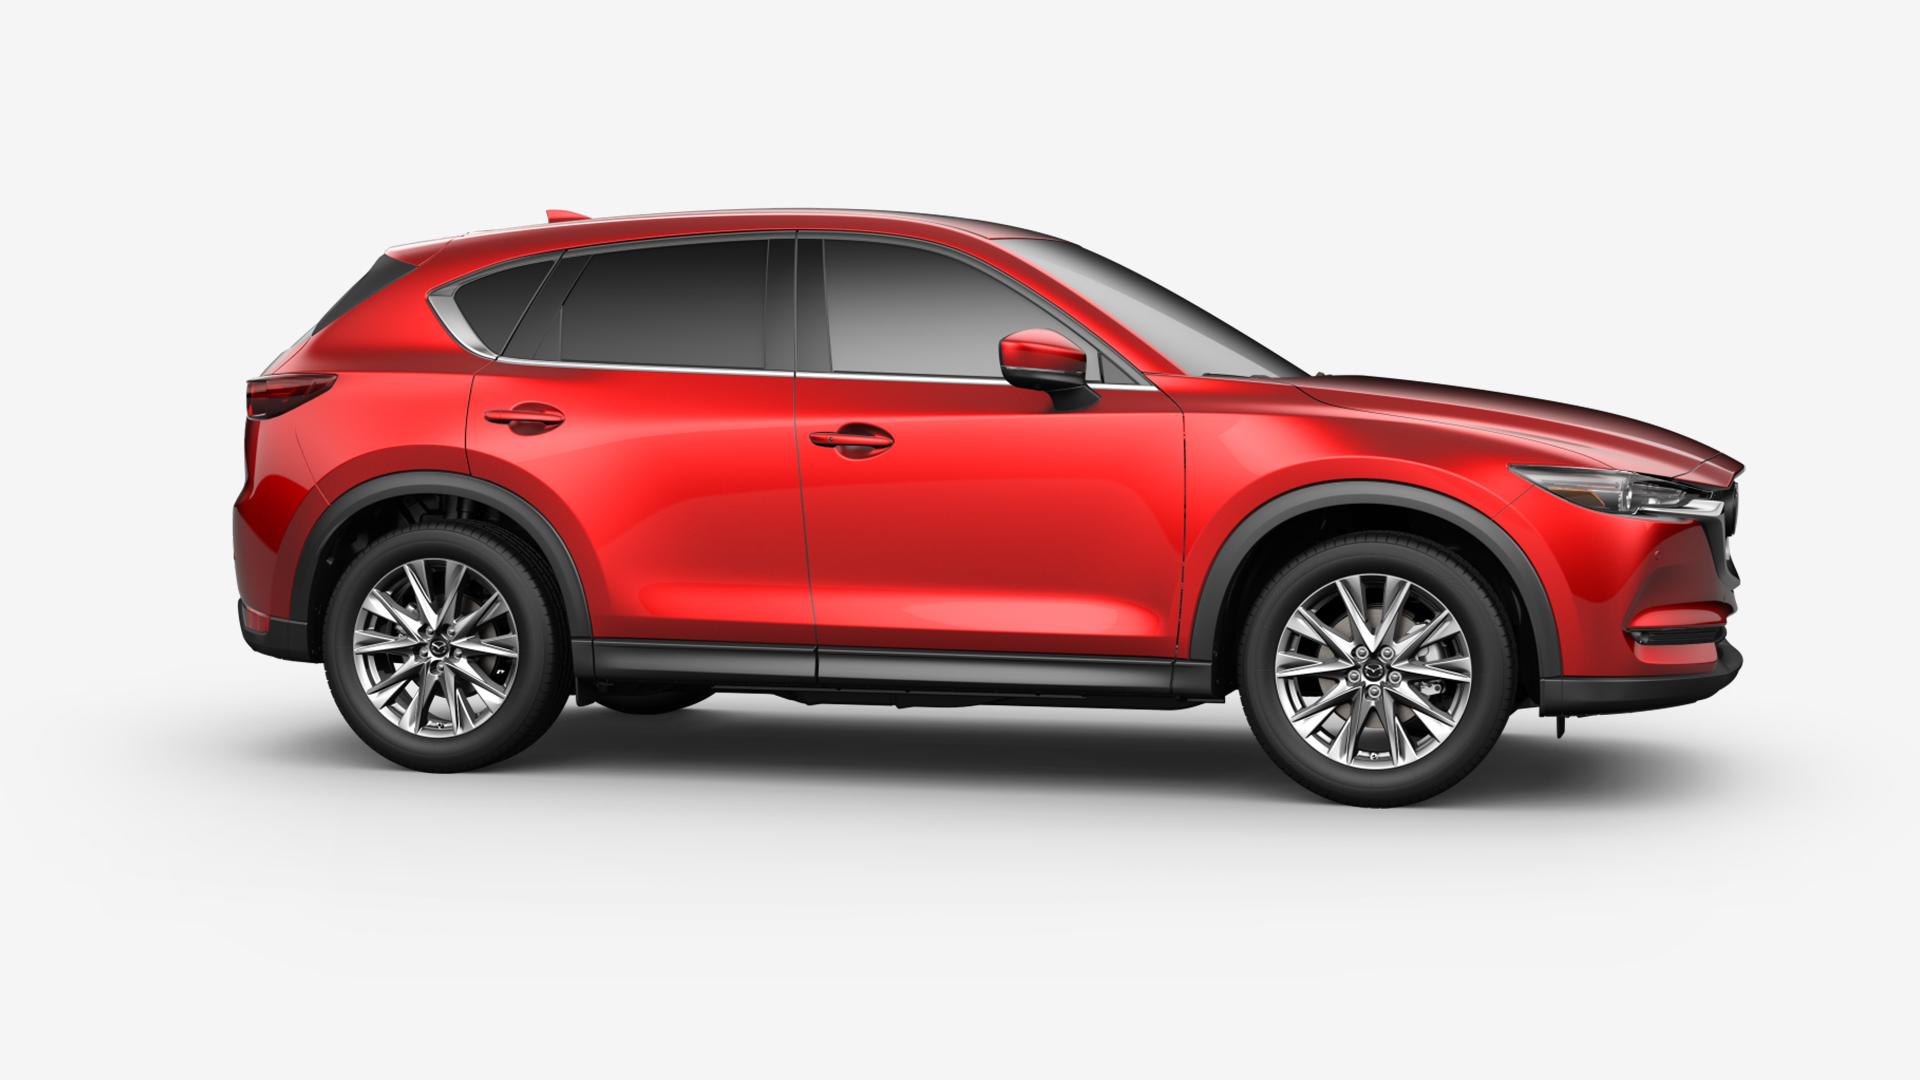 2019 Mazda Cx 5 Crossover Suv Fuel Efficient Suv Mazda Usa